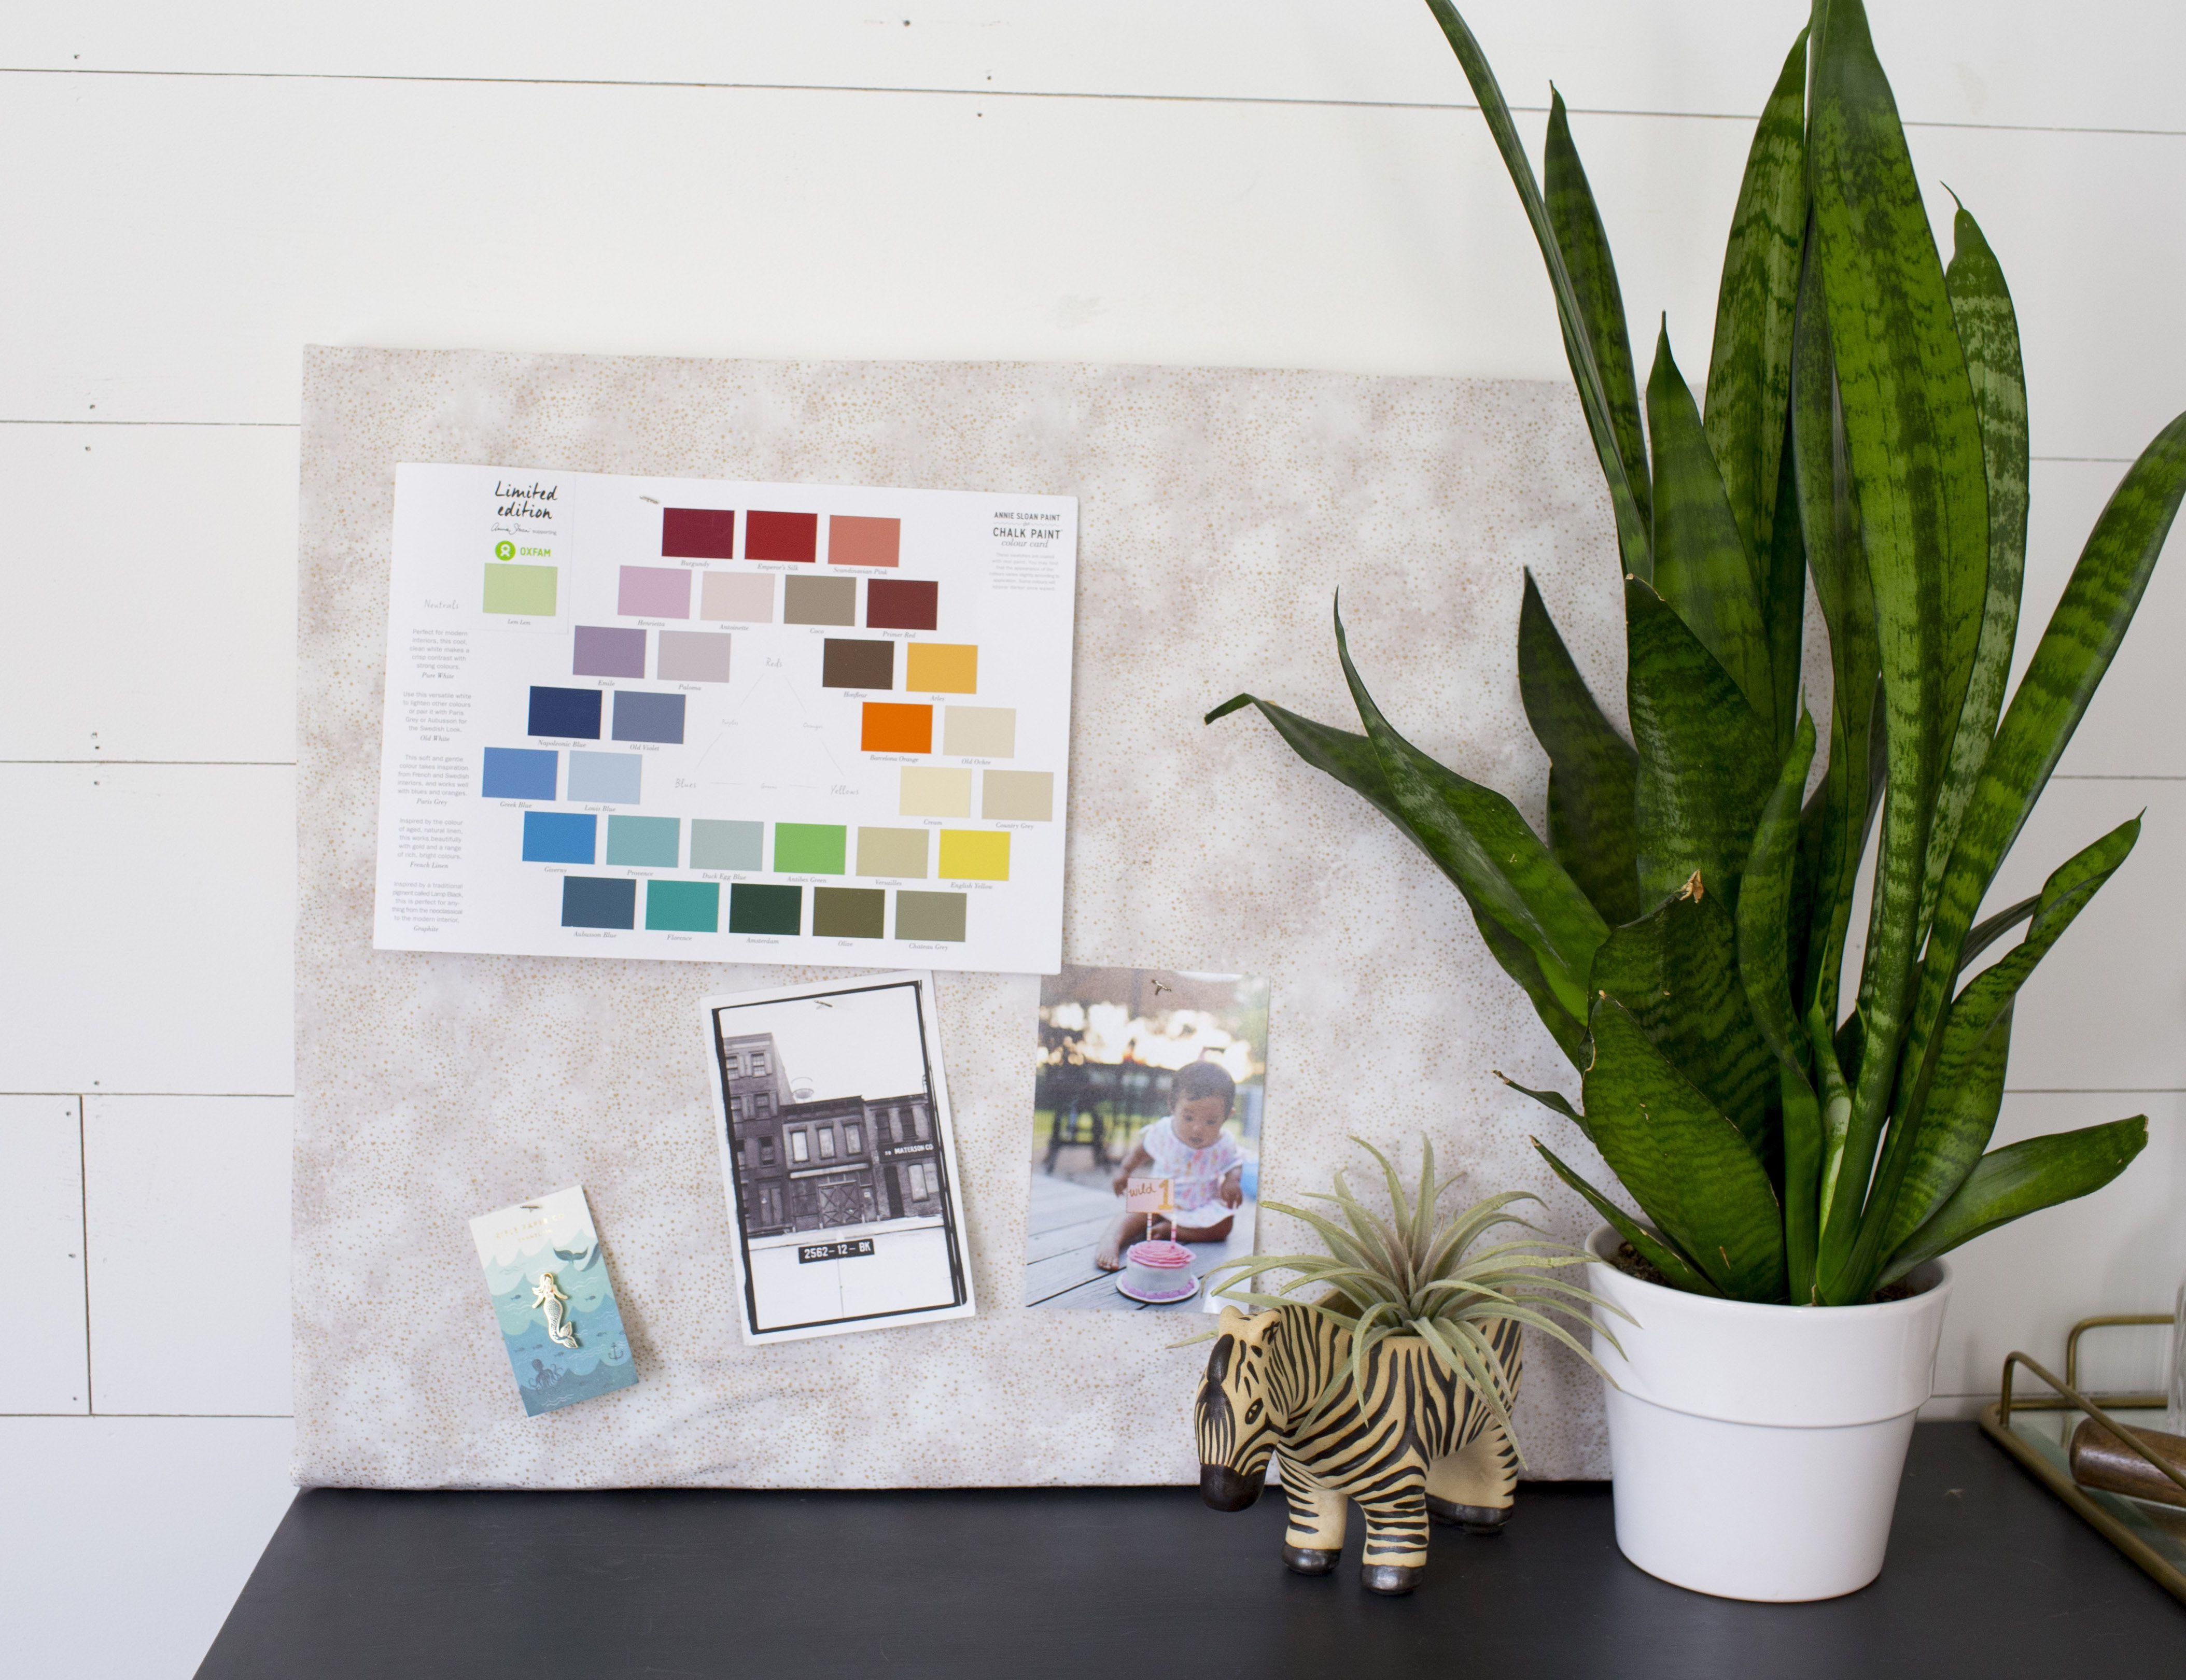 Make Your Own Stylish DIY Bulletin Board